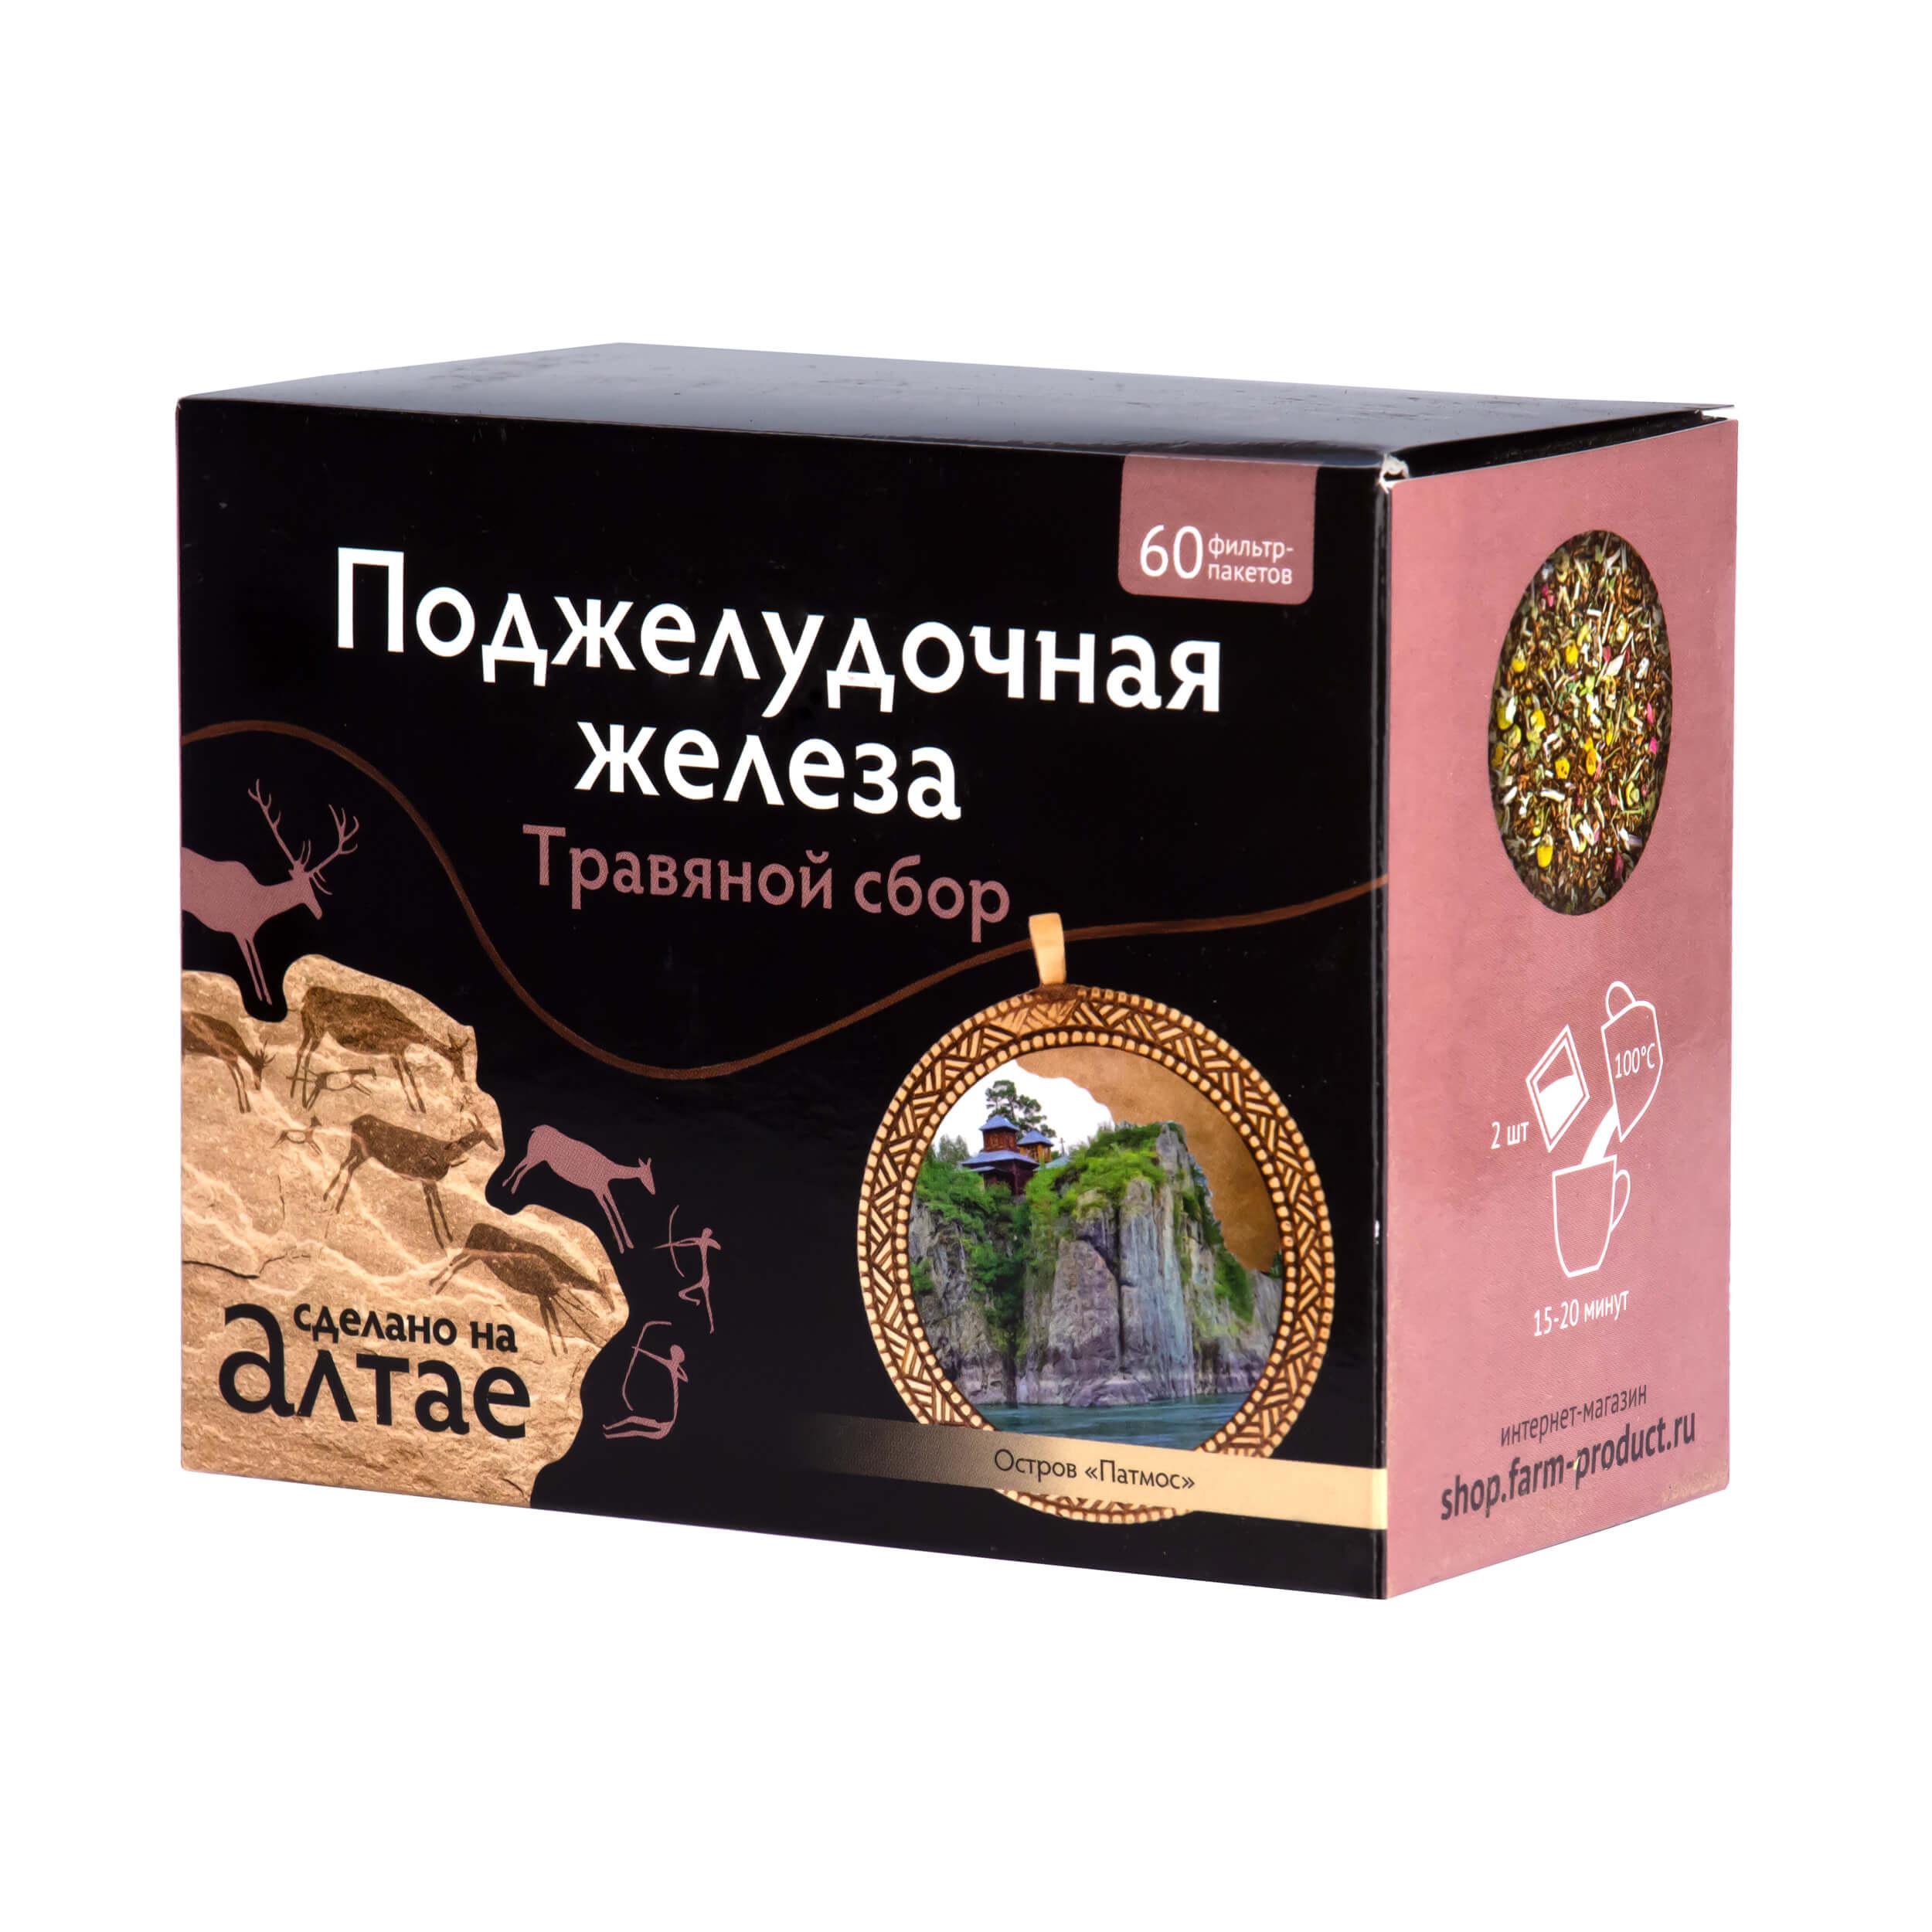 Сбор травяной Поджелудочная железа (60 фильтр пакетов) фото